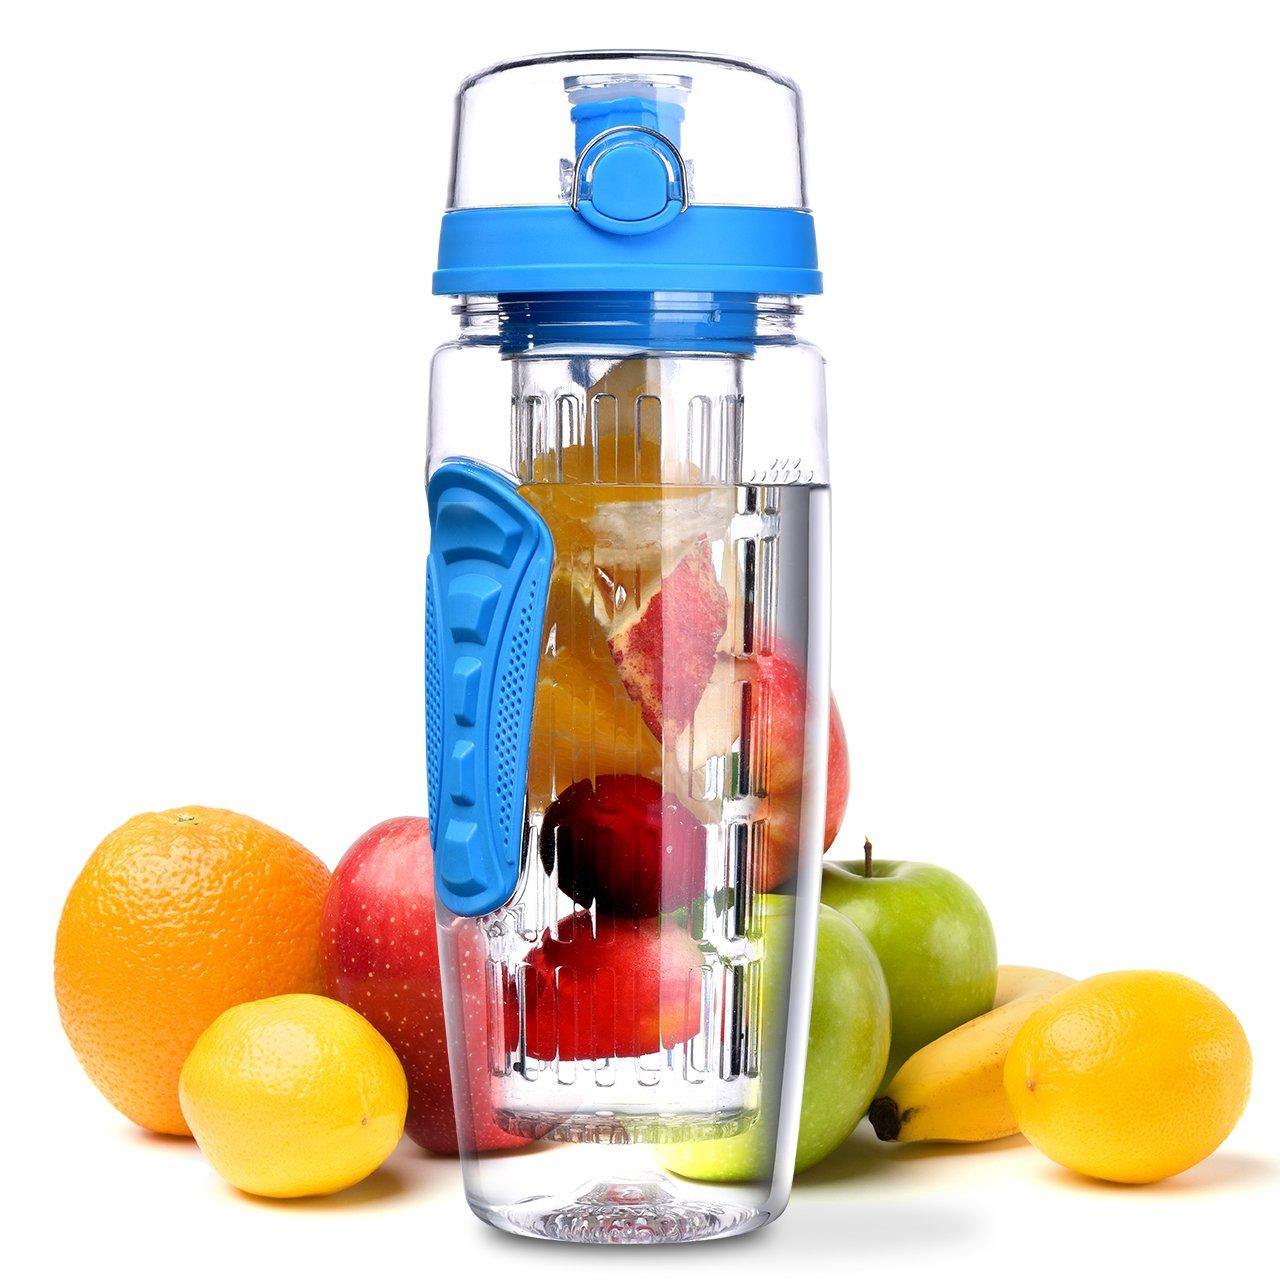 OMORC Wasserflasche, [BPA-Frei Tritan] Kunststoff Trinkflasche Sport Flasche 1L Sportflasche Auslaufsicher, Trinkflaschen mit Verschluss & Tragehenkel für Fruchtschorlen/Gemüseschorlen(Blau)